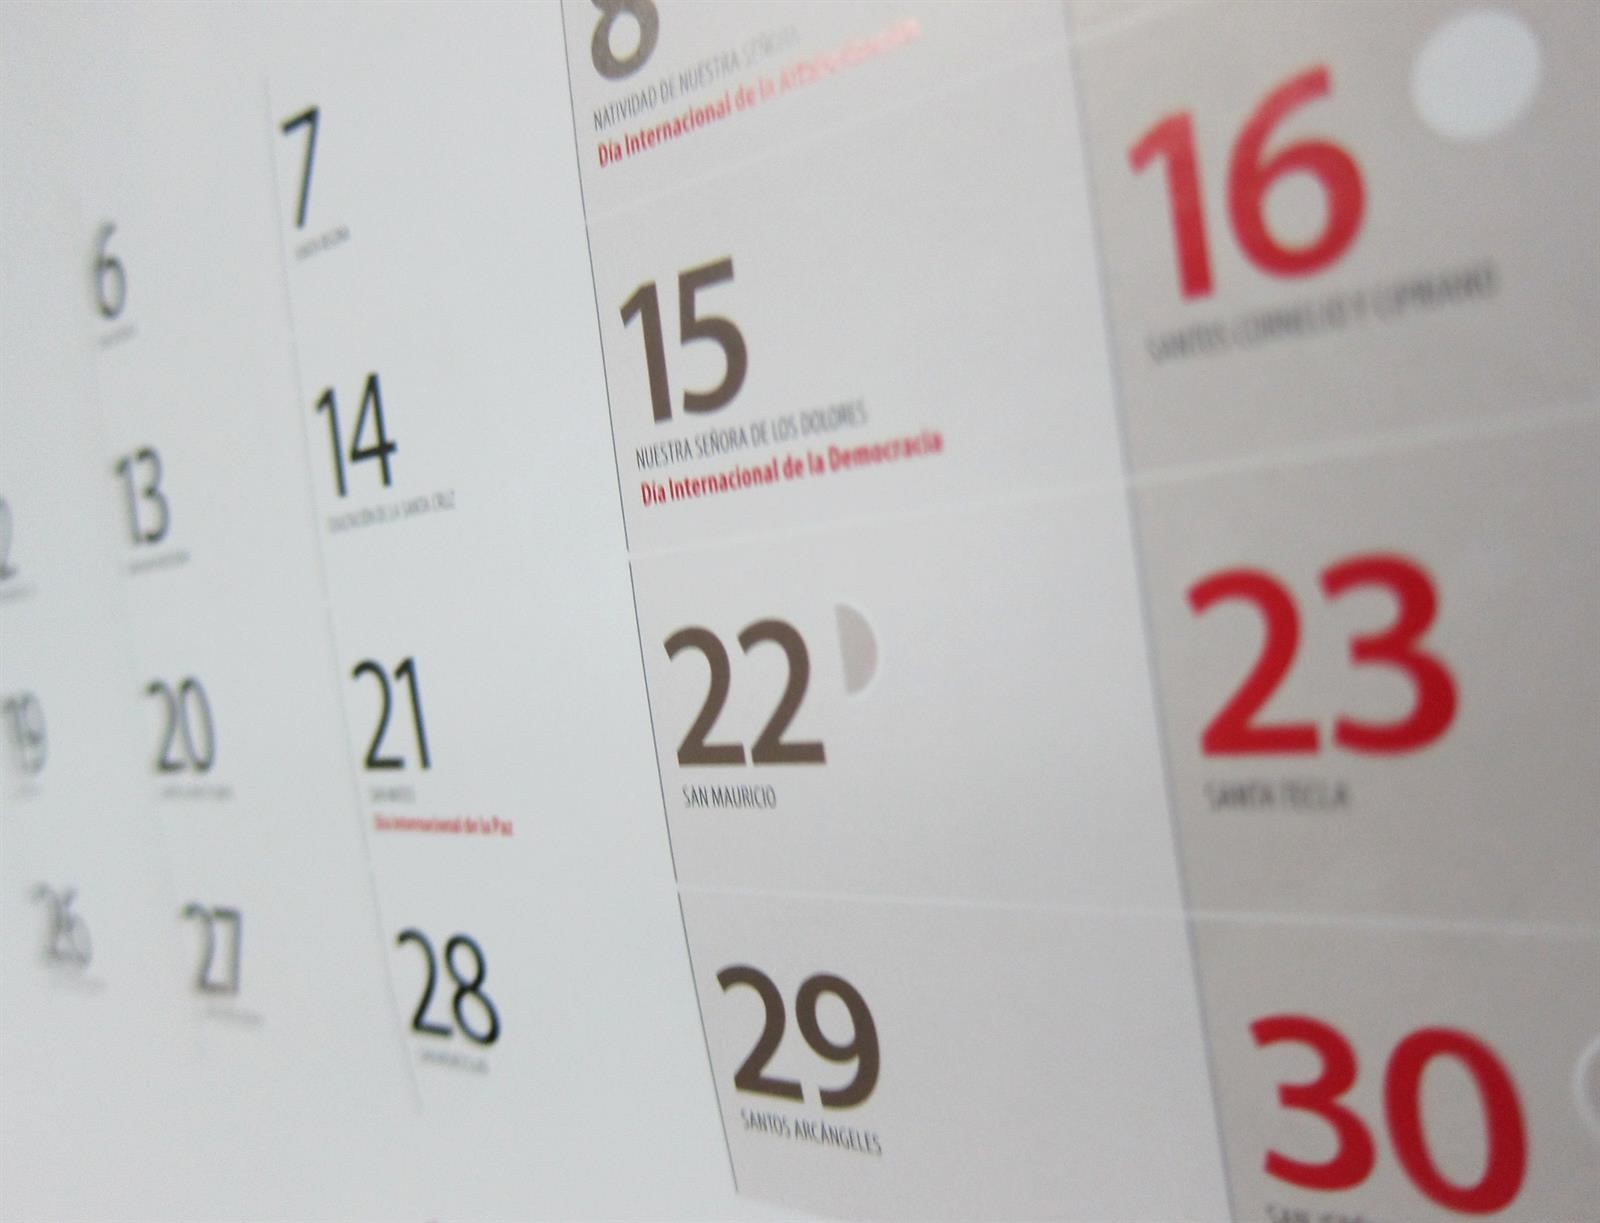 Calendario Diario 2020.Publicado El Calendario Laboral De Clm Para 2020 La Voz